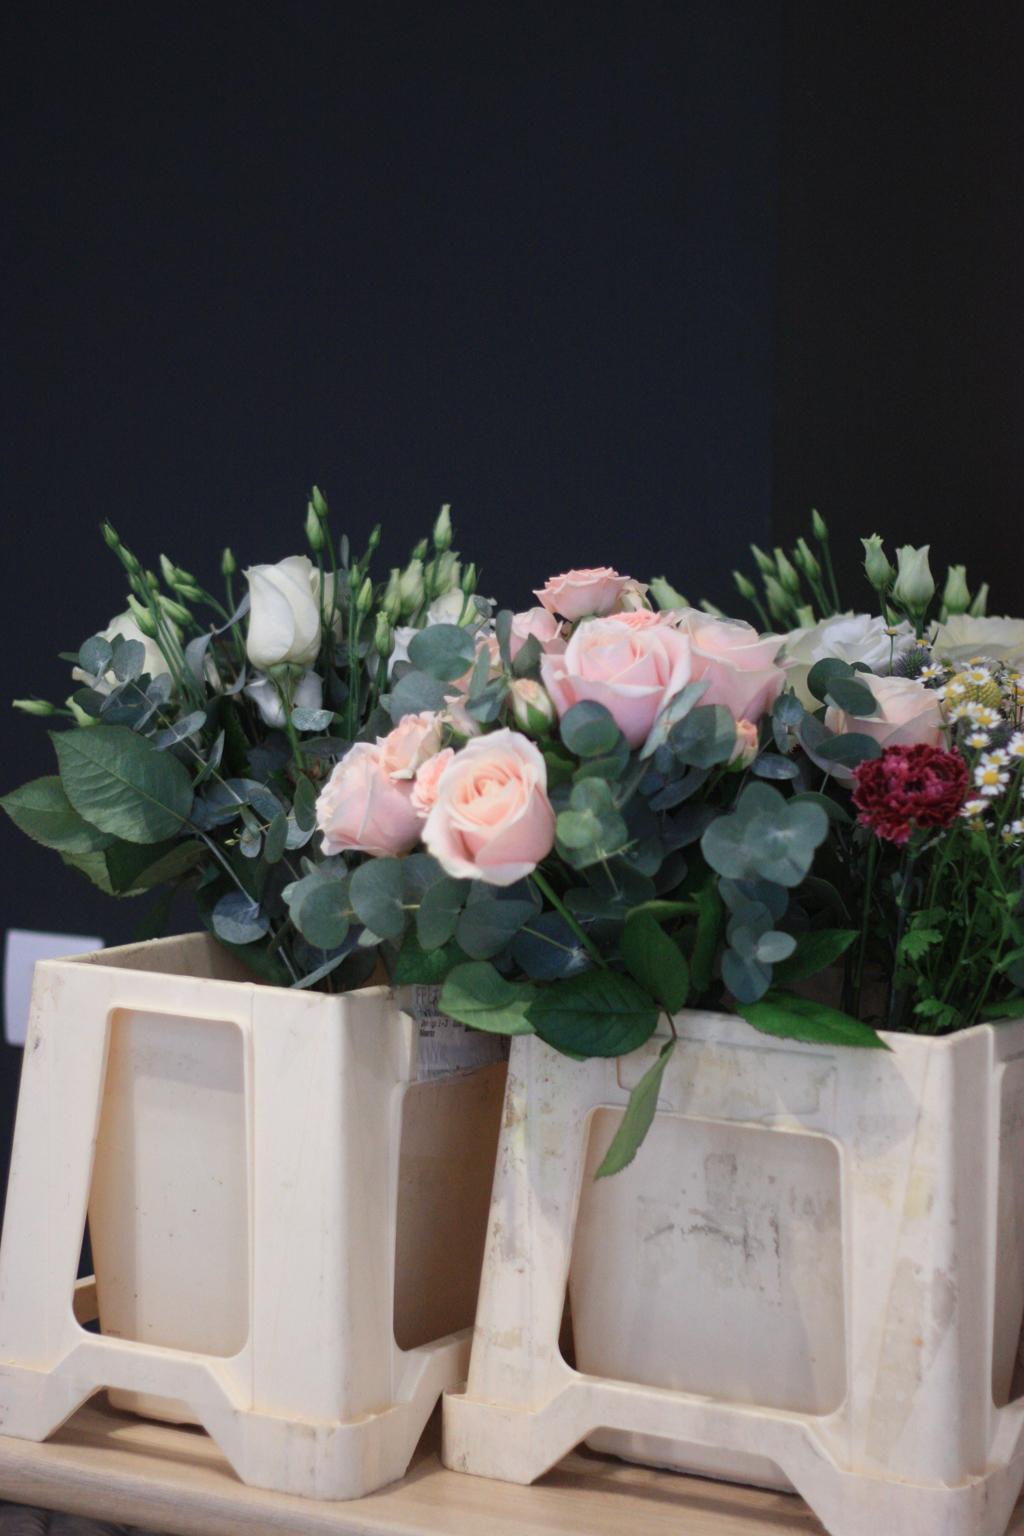 bergamotte_Paris roses